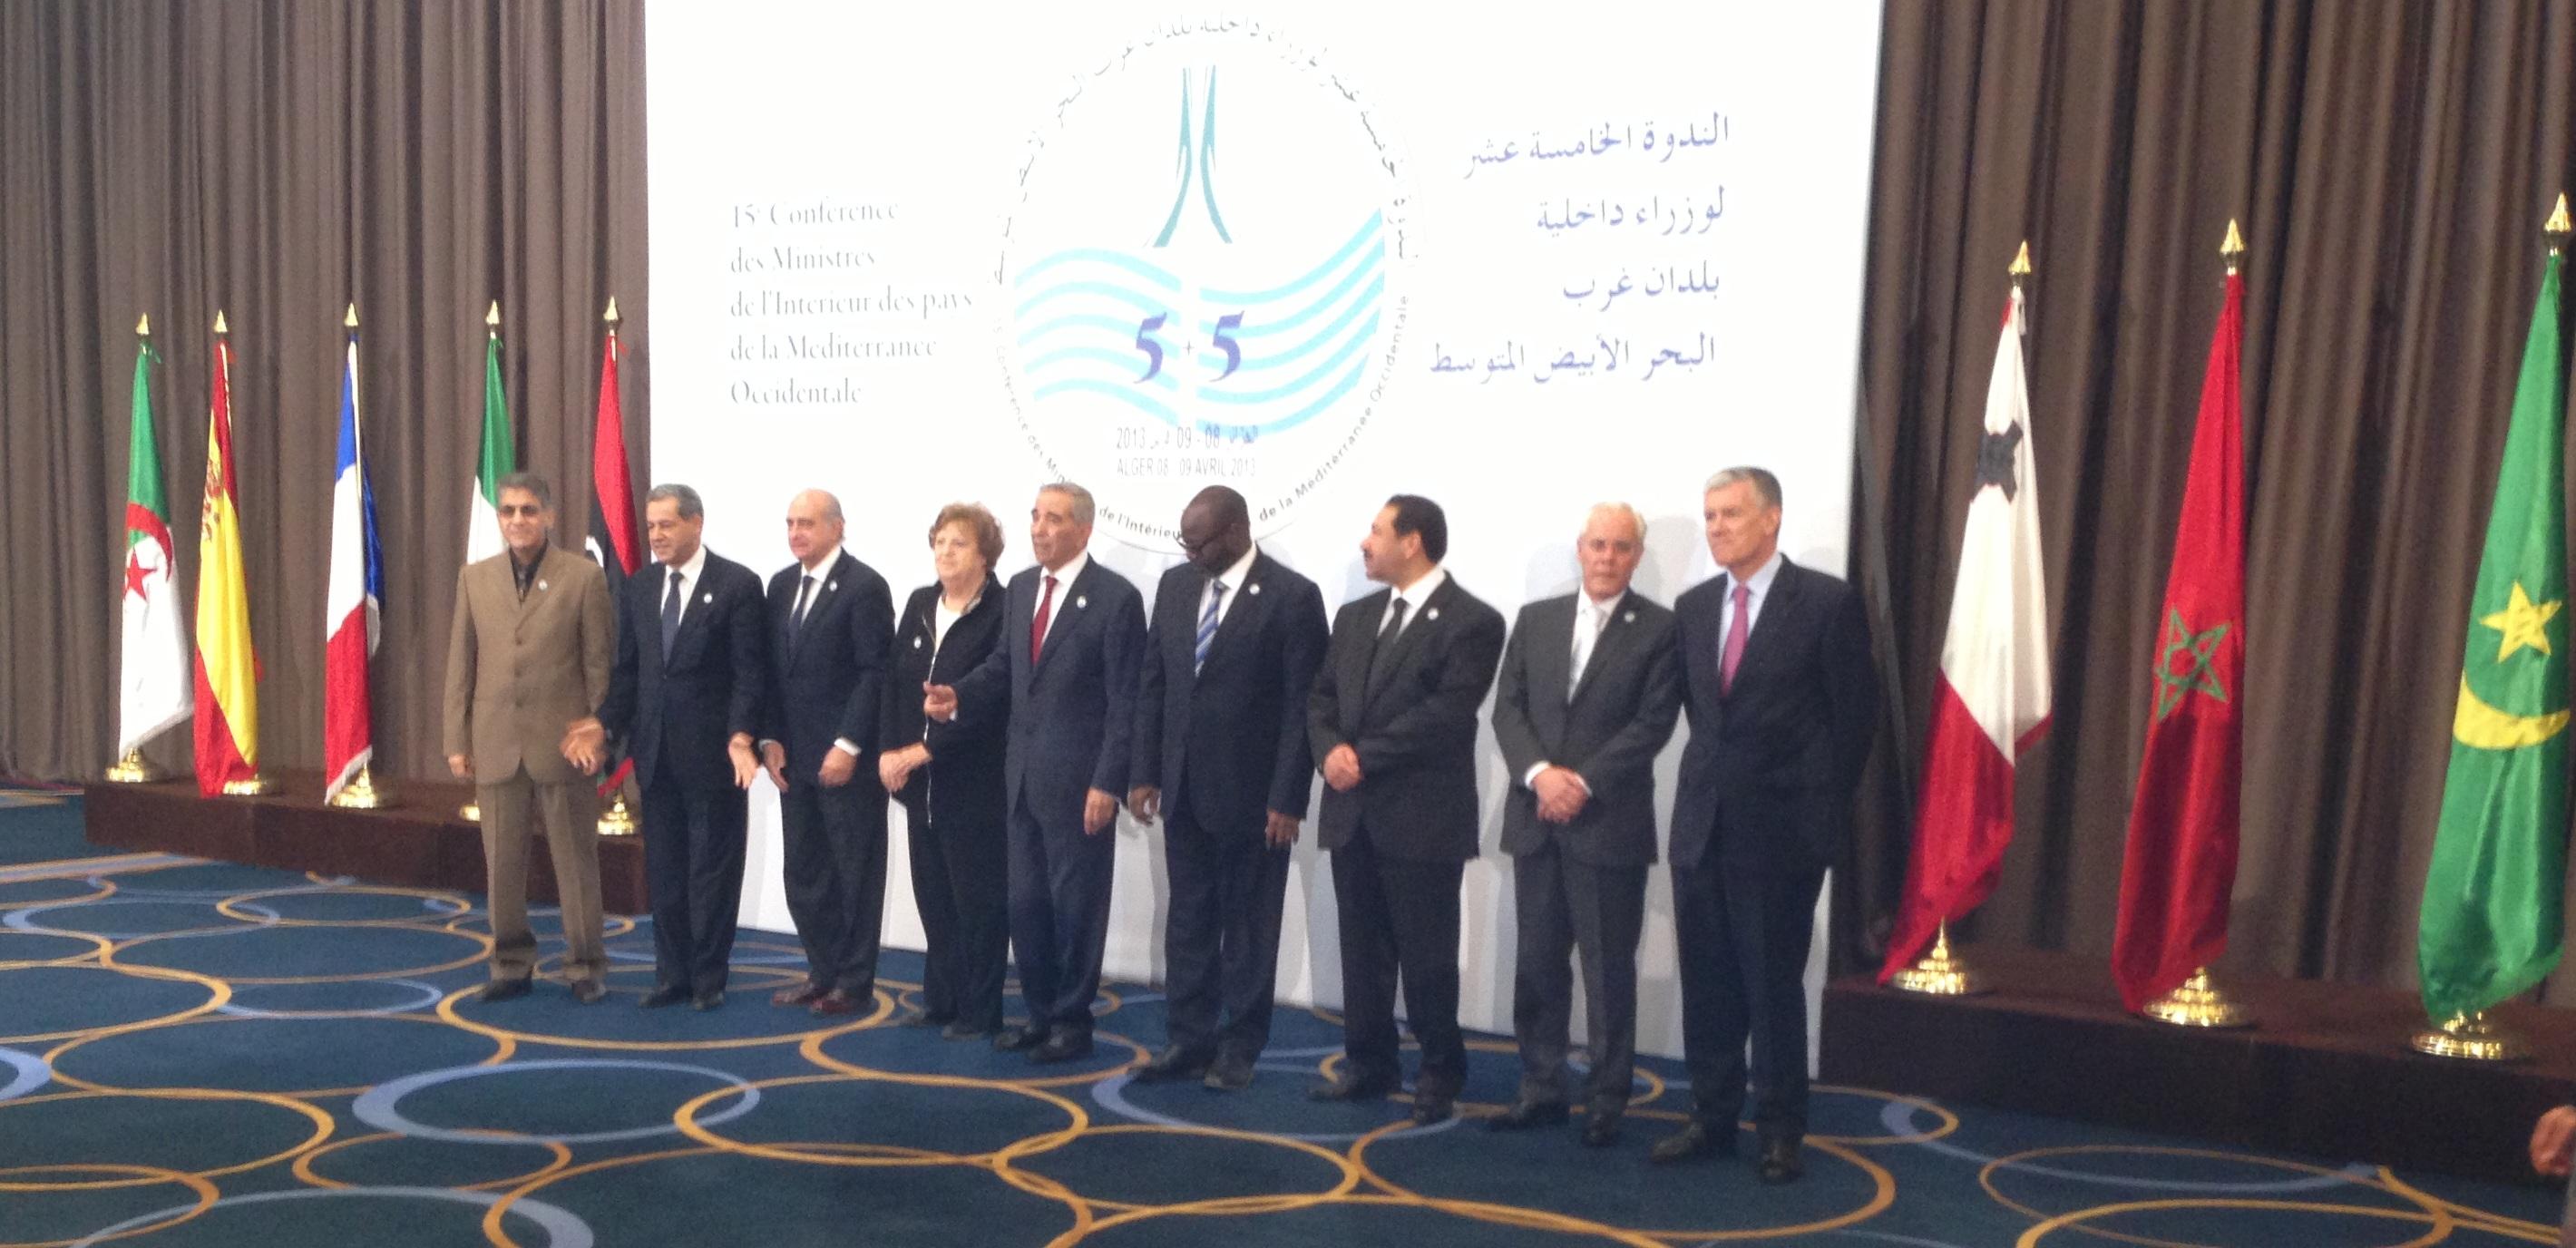 Los ministros del Interior de España, Portugal, Francia, Italia, Malta, Libia, Mauritania, Marruecos, Túnez y Argelia. / Interior